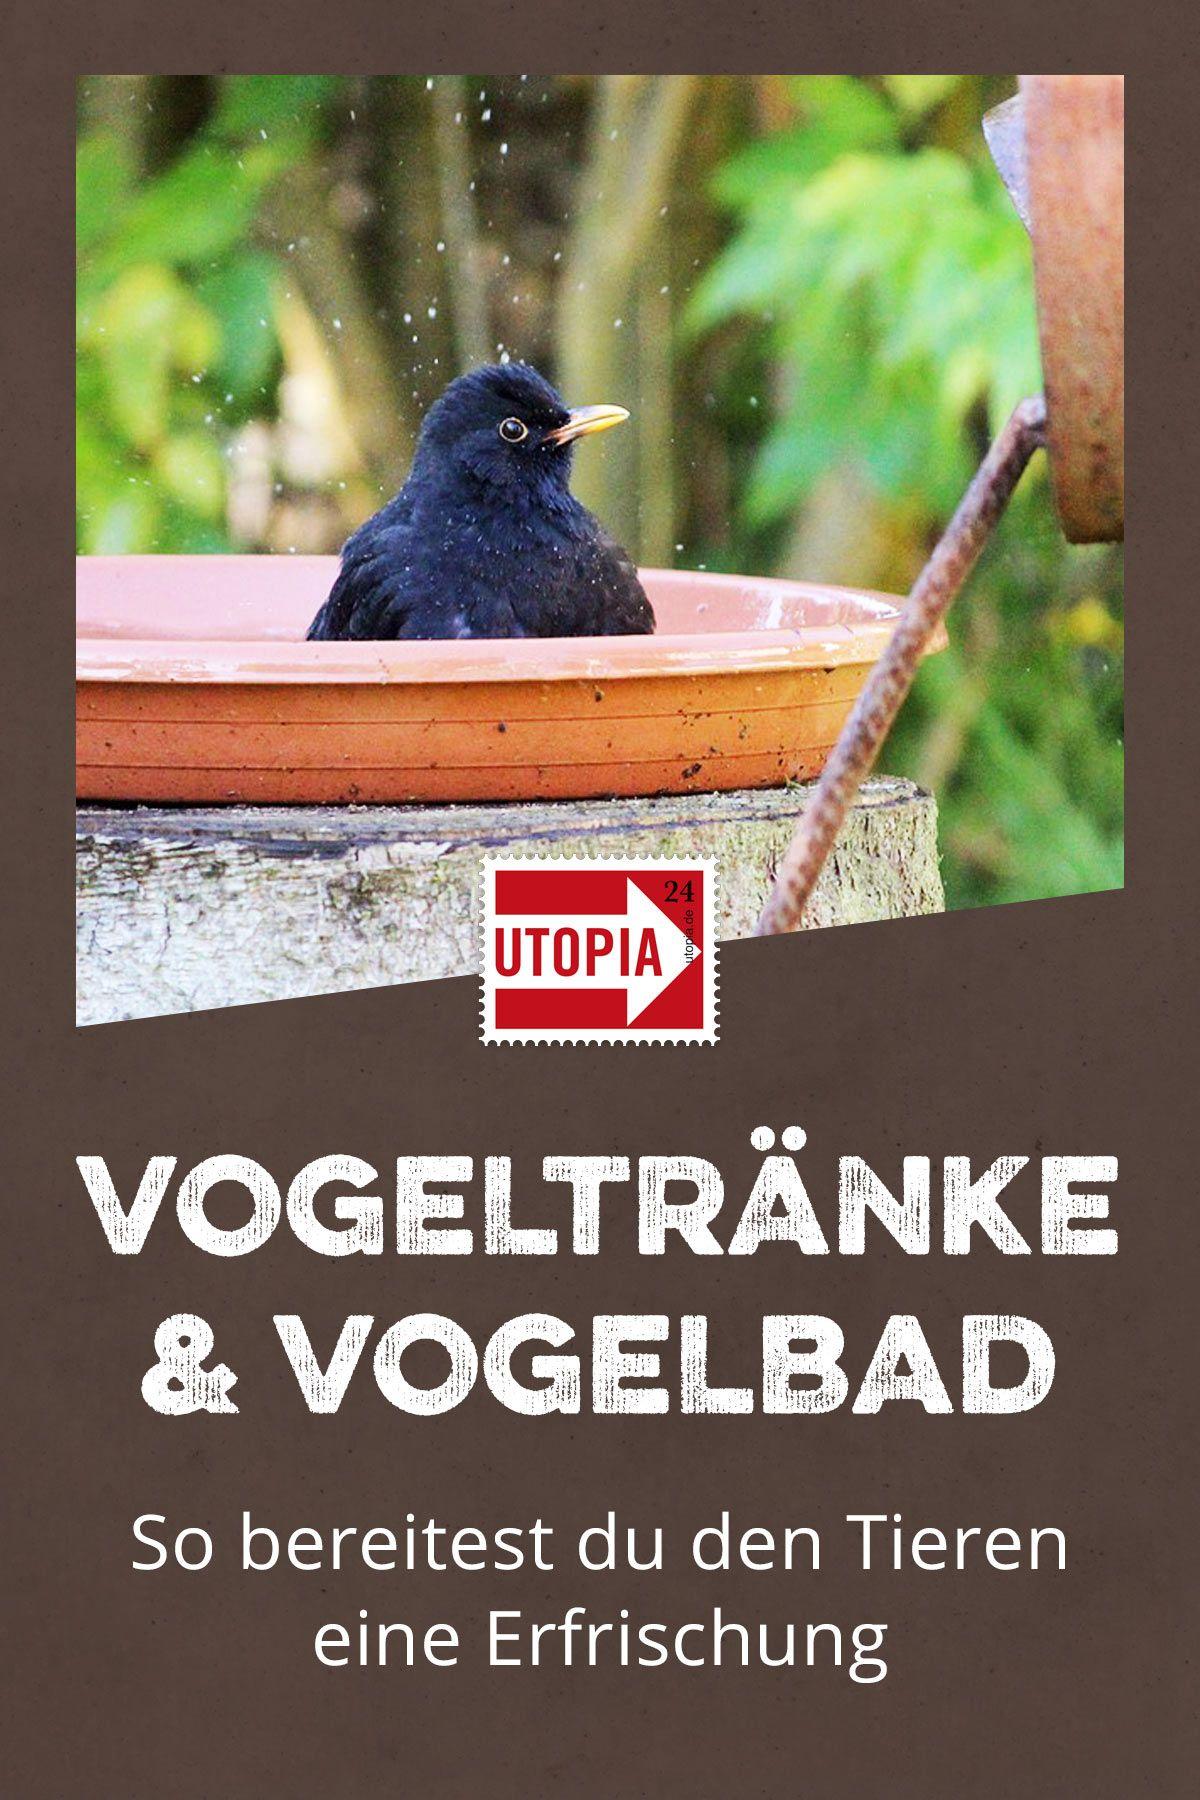 Vogeltränke und Vogelbad aufstellen: So bereitest du den Tieren eine Erfrischung - Utopia.de